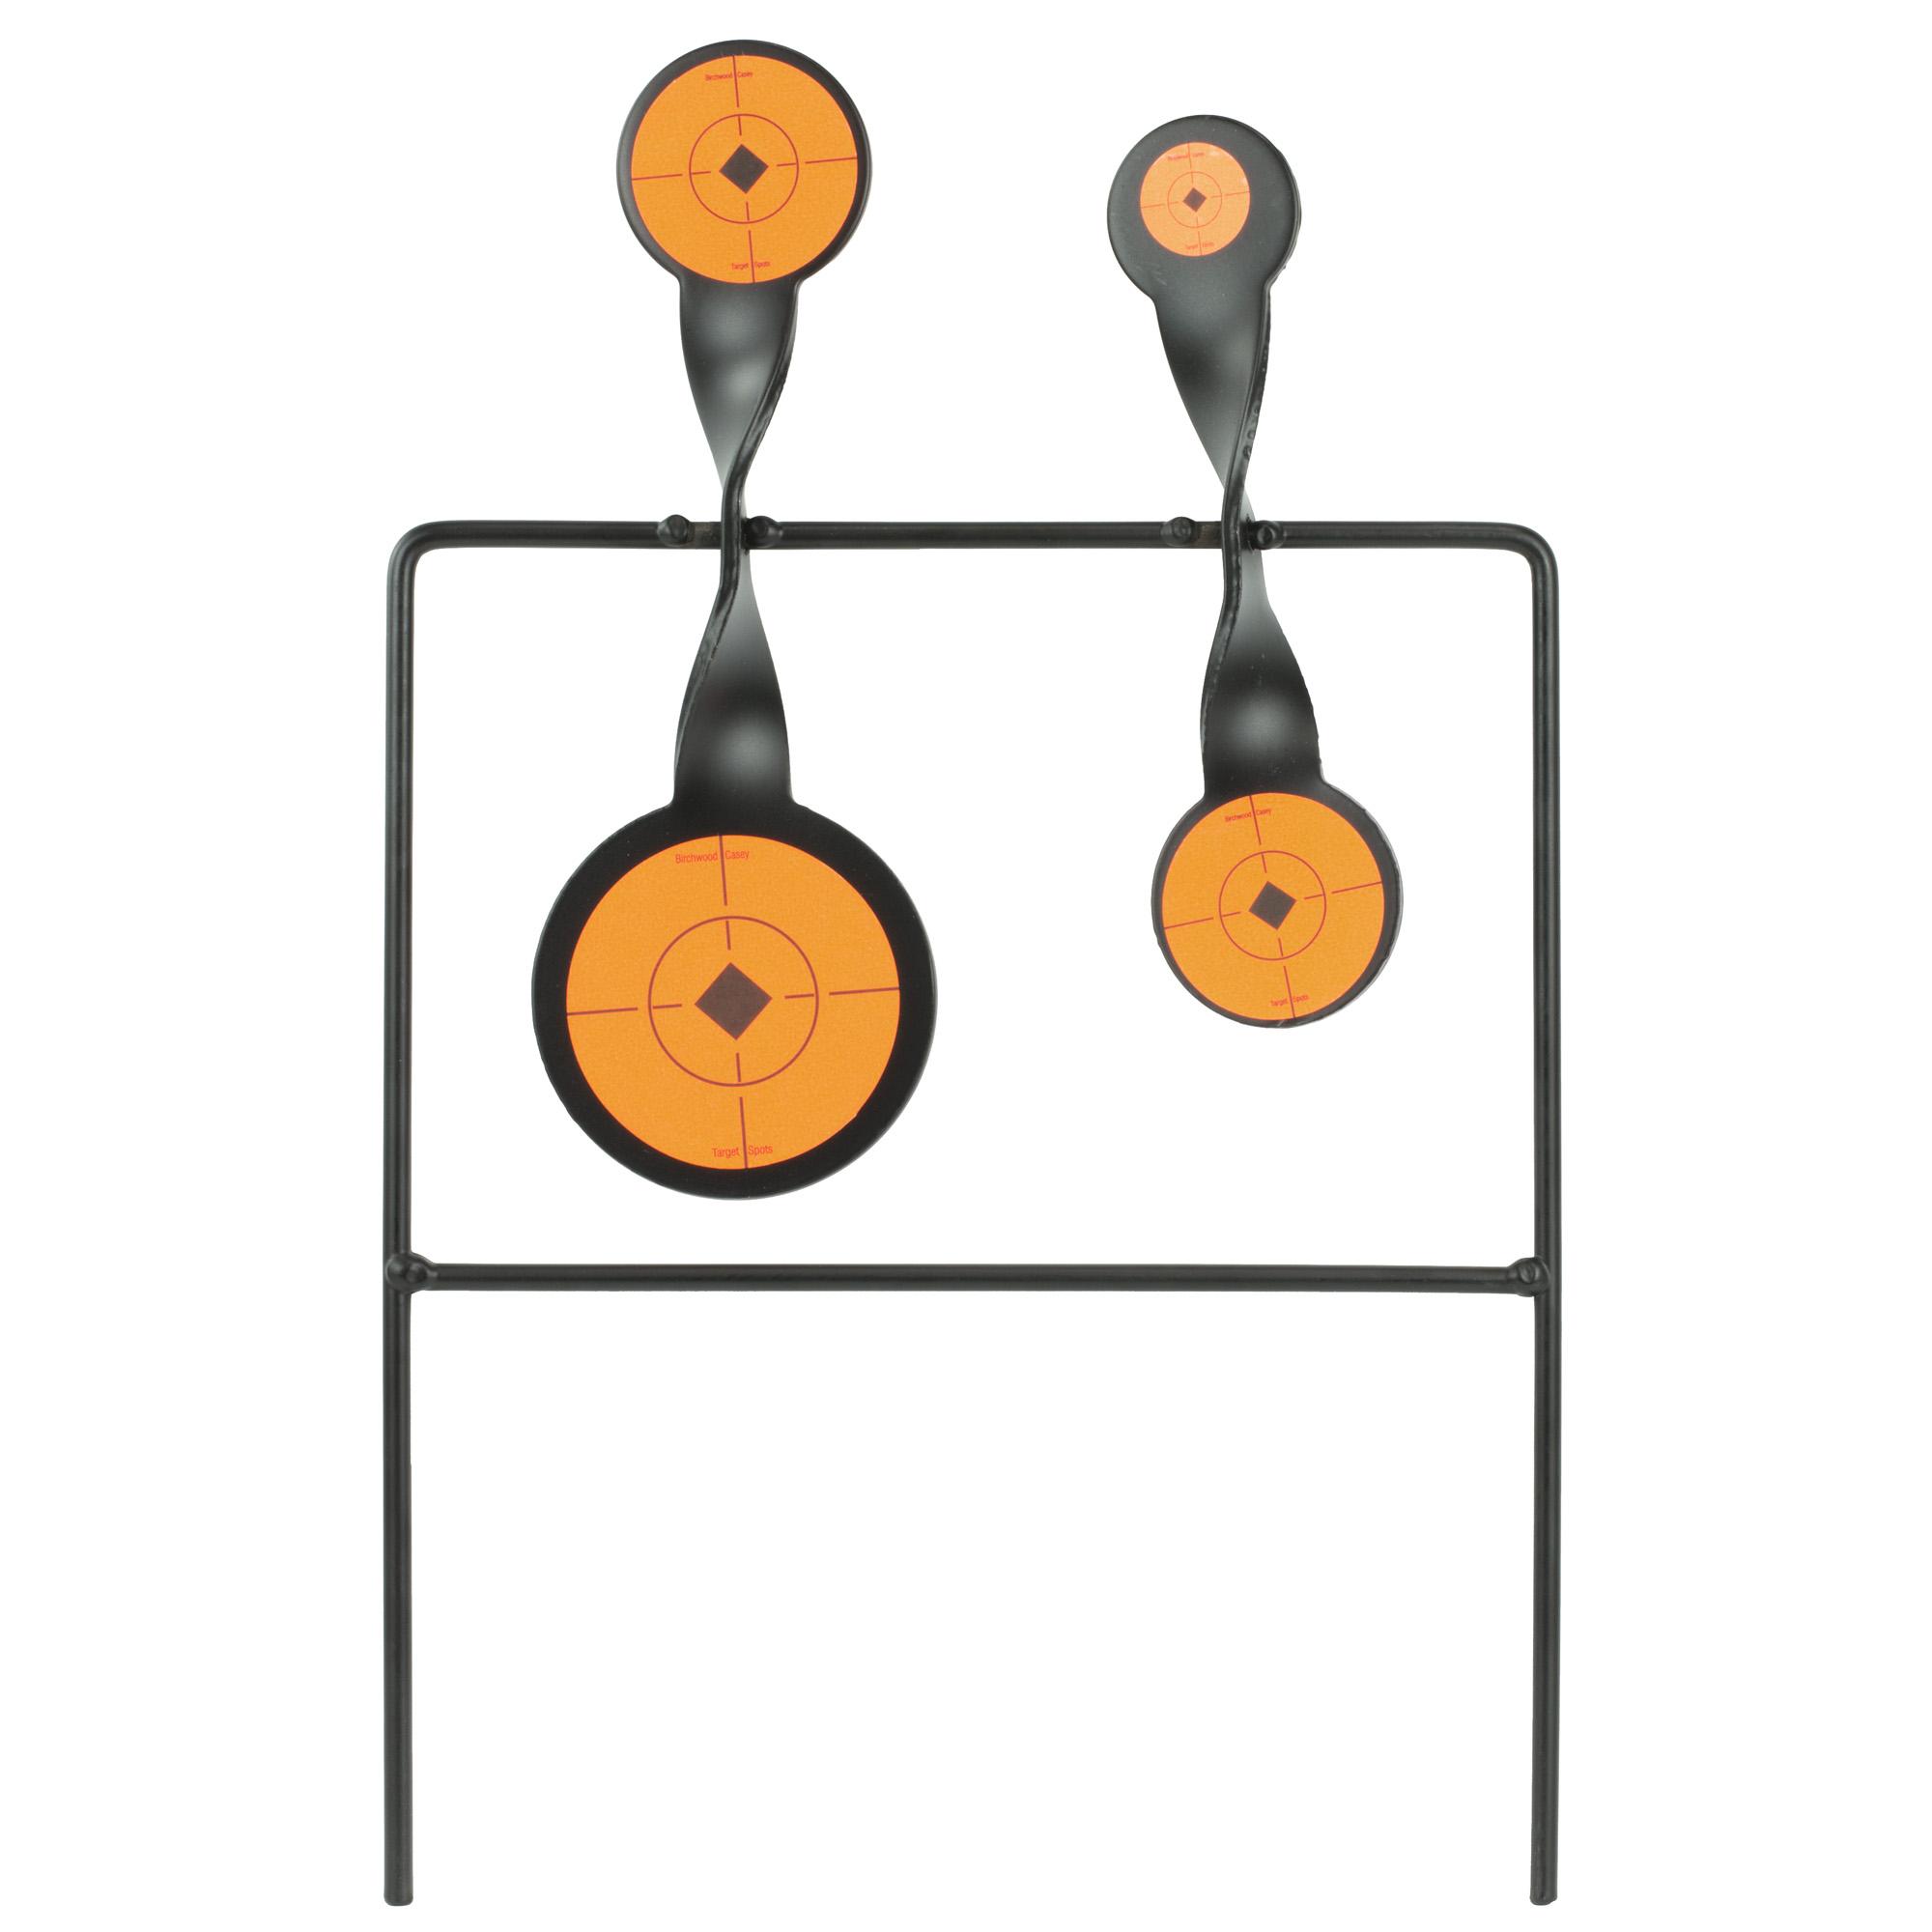 B/c Wrld Of Tgts Duplex Spin Tgt